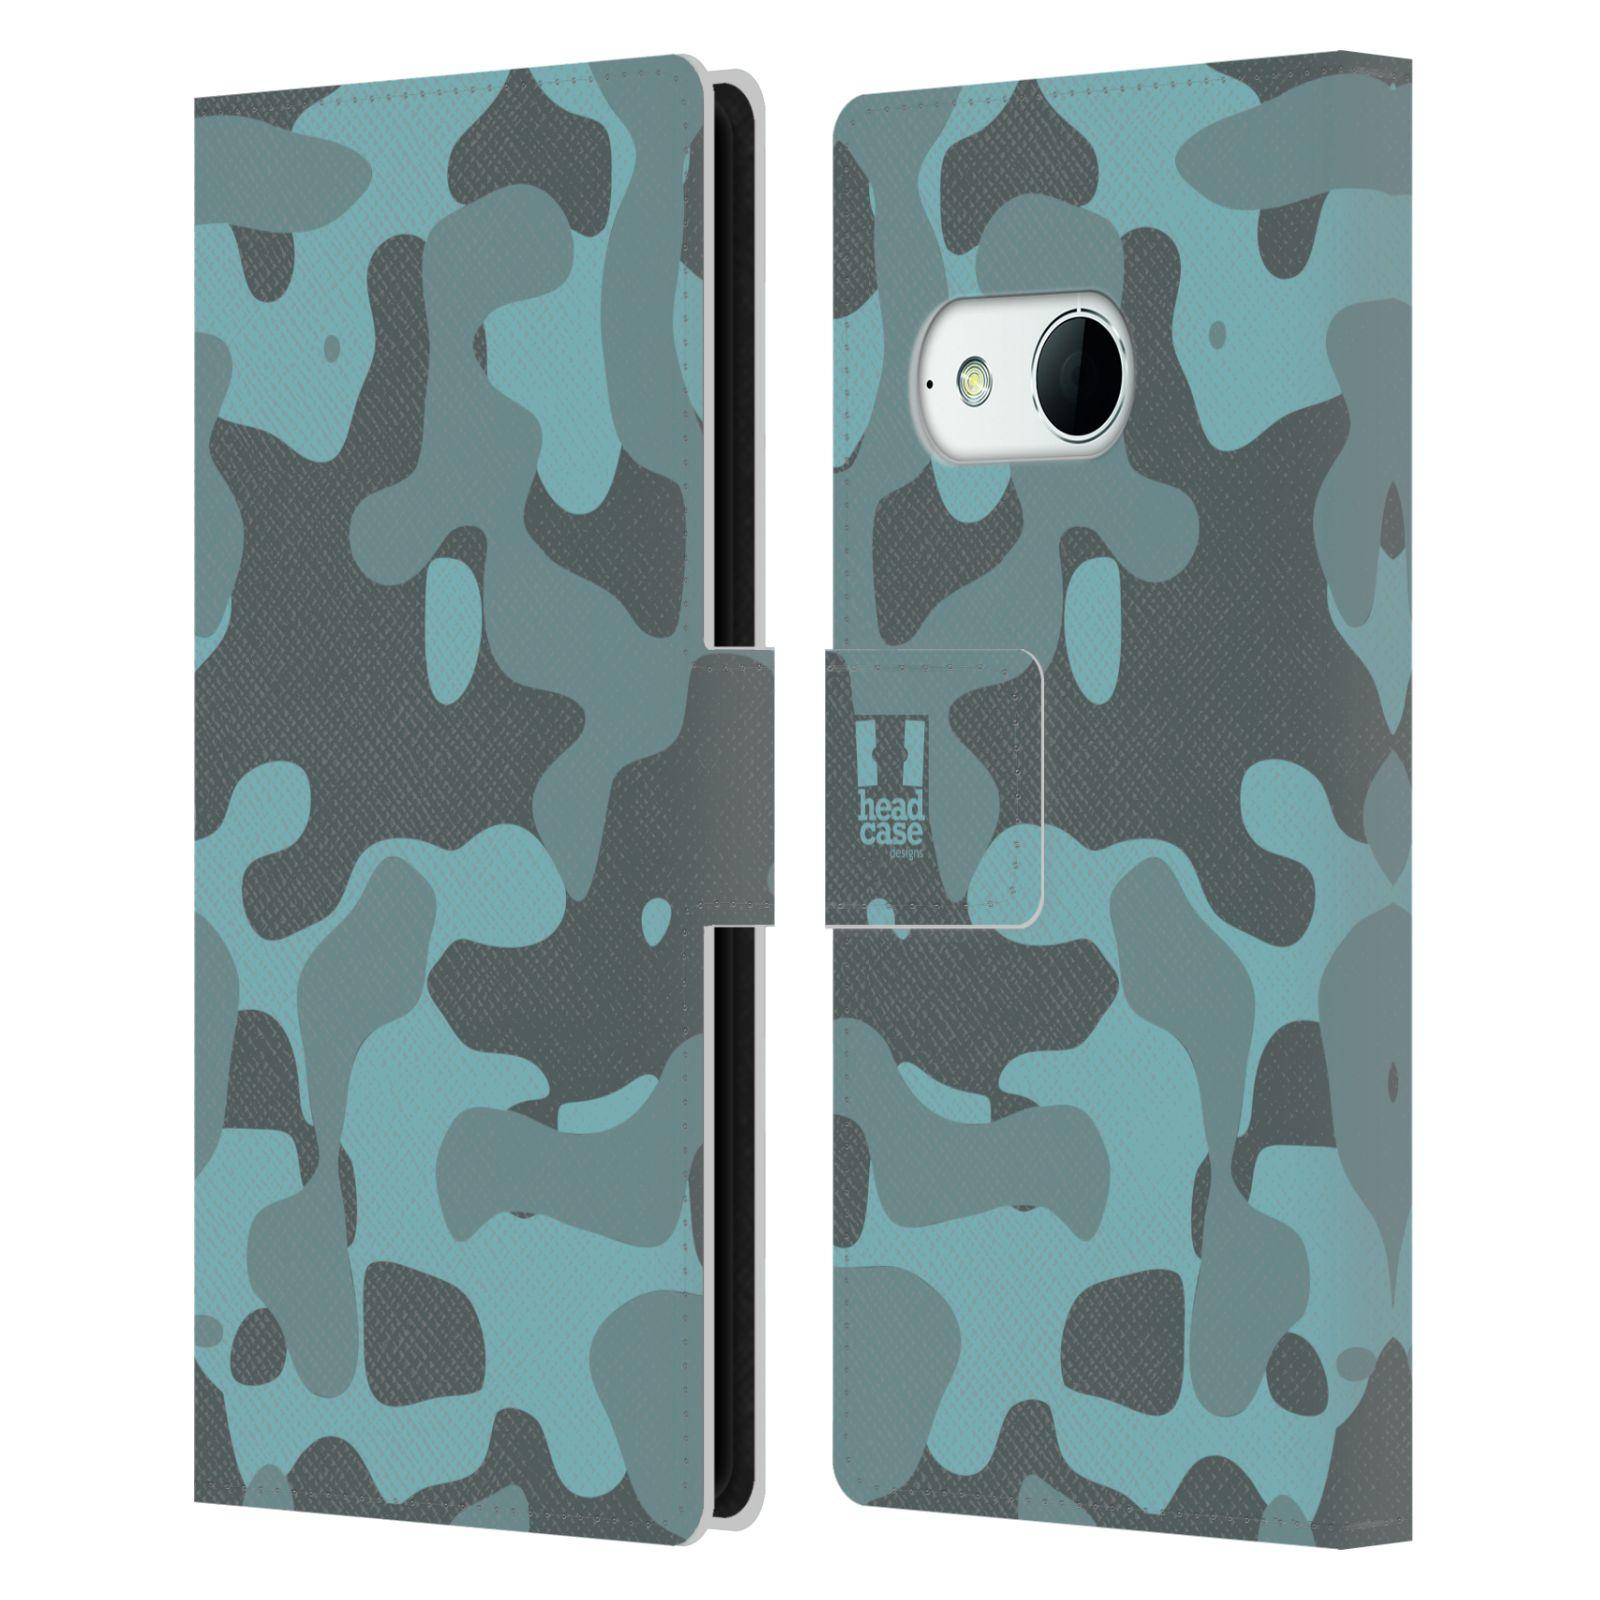 HEAD CASE Flipové pouzdro pro mobil HTC ONE MINI 2 (M8) lehká barevná kamufláž modrá